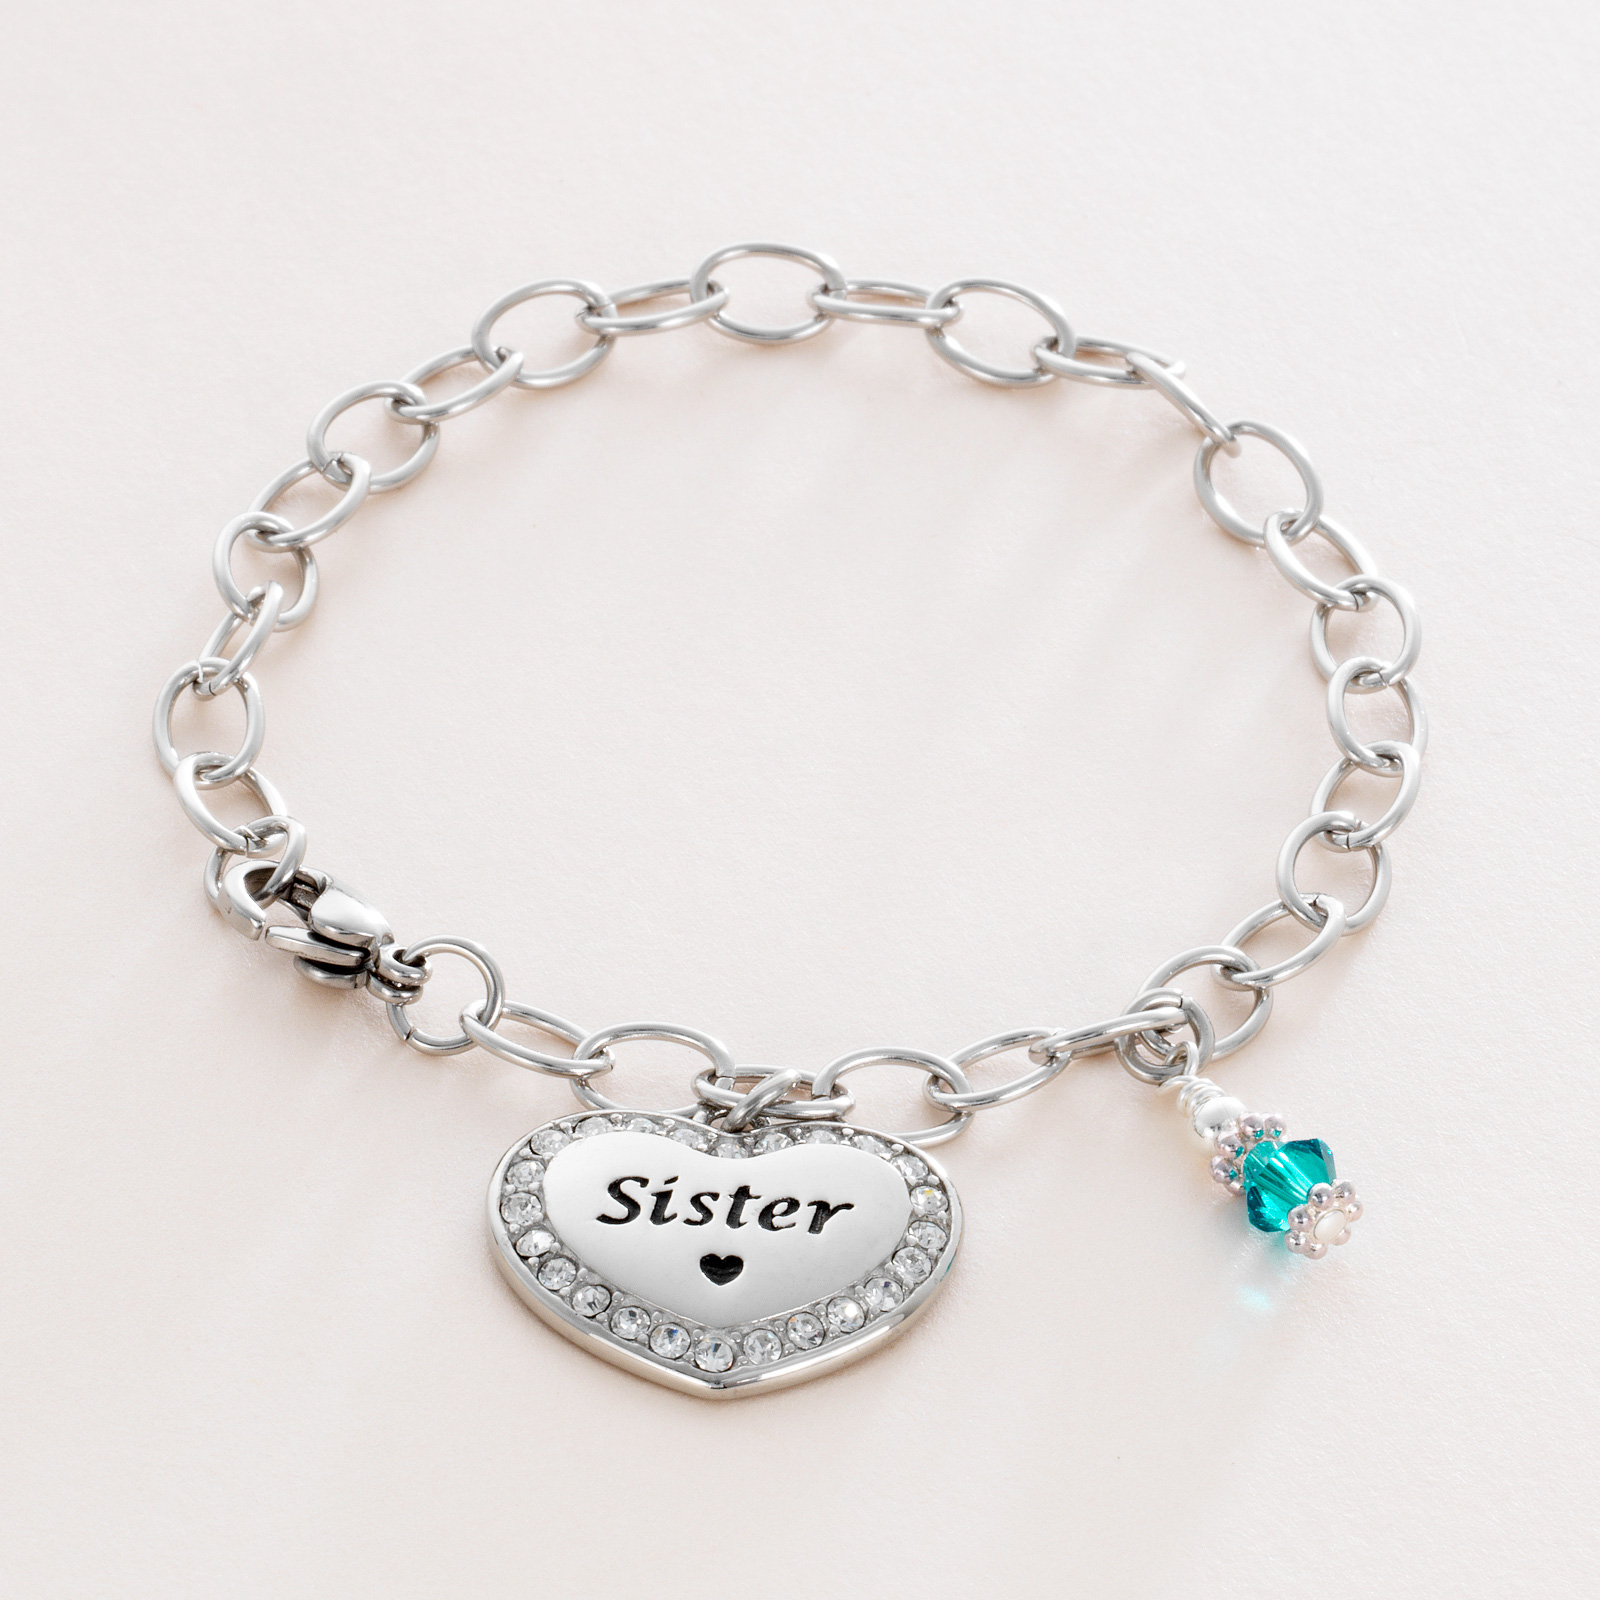 Chain-Birthstone-Sister-Heart-Charm-Bracelet.jpg